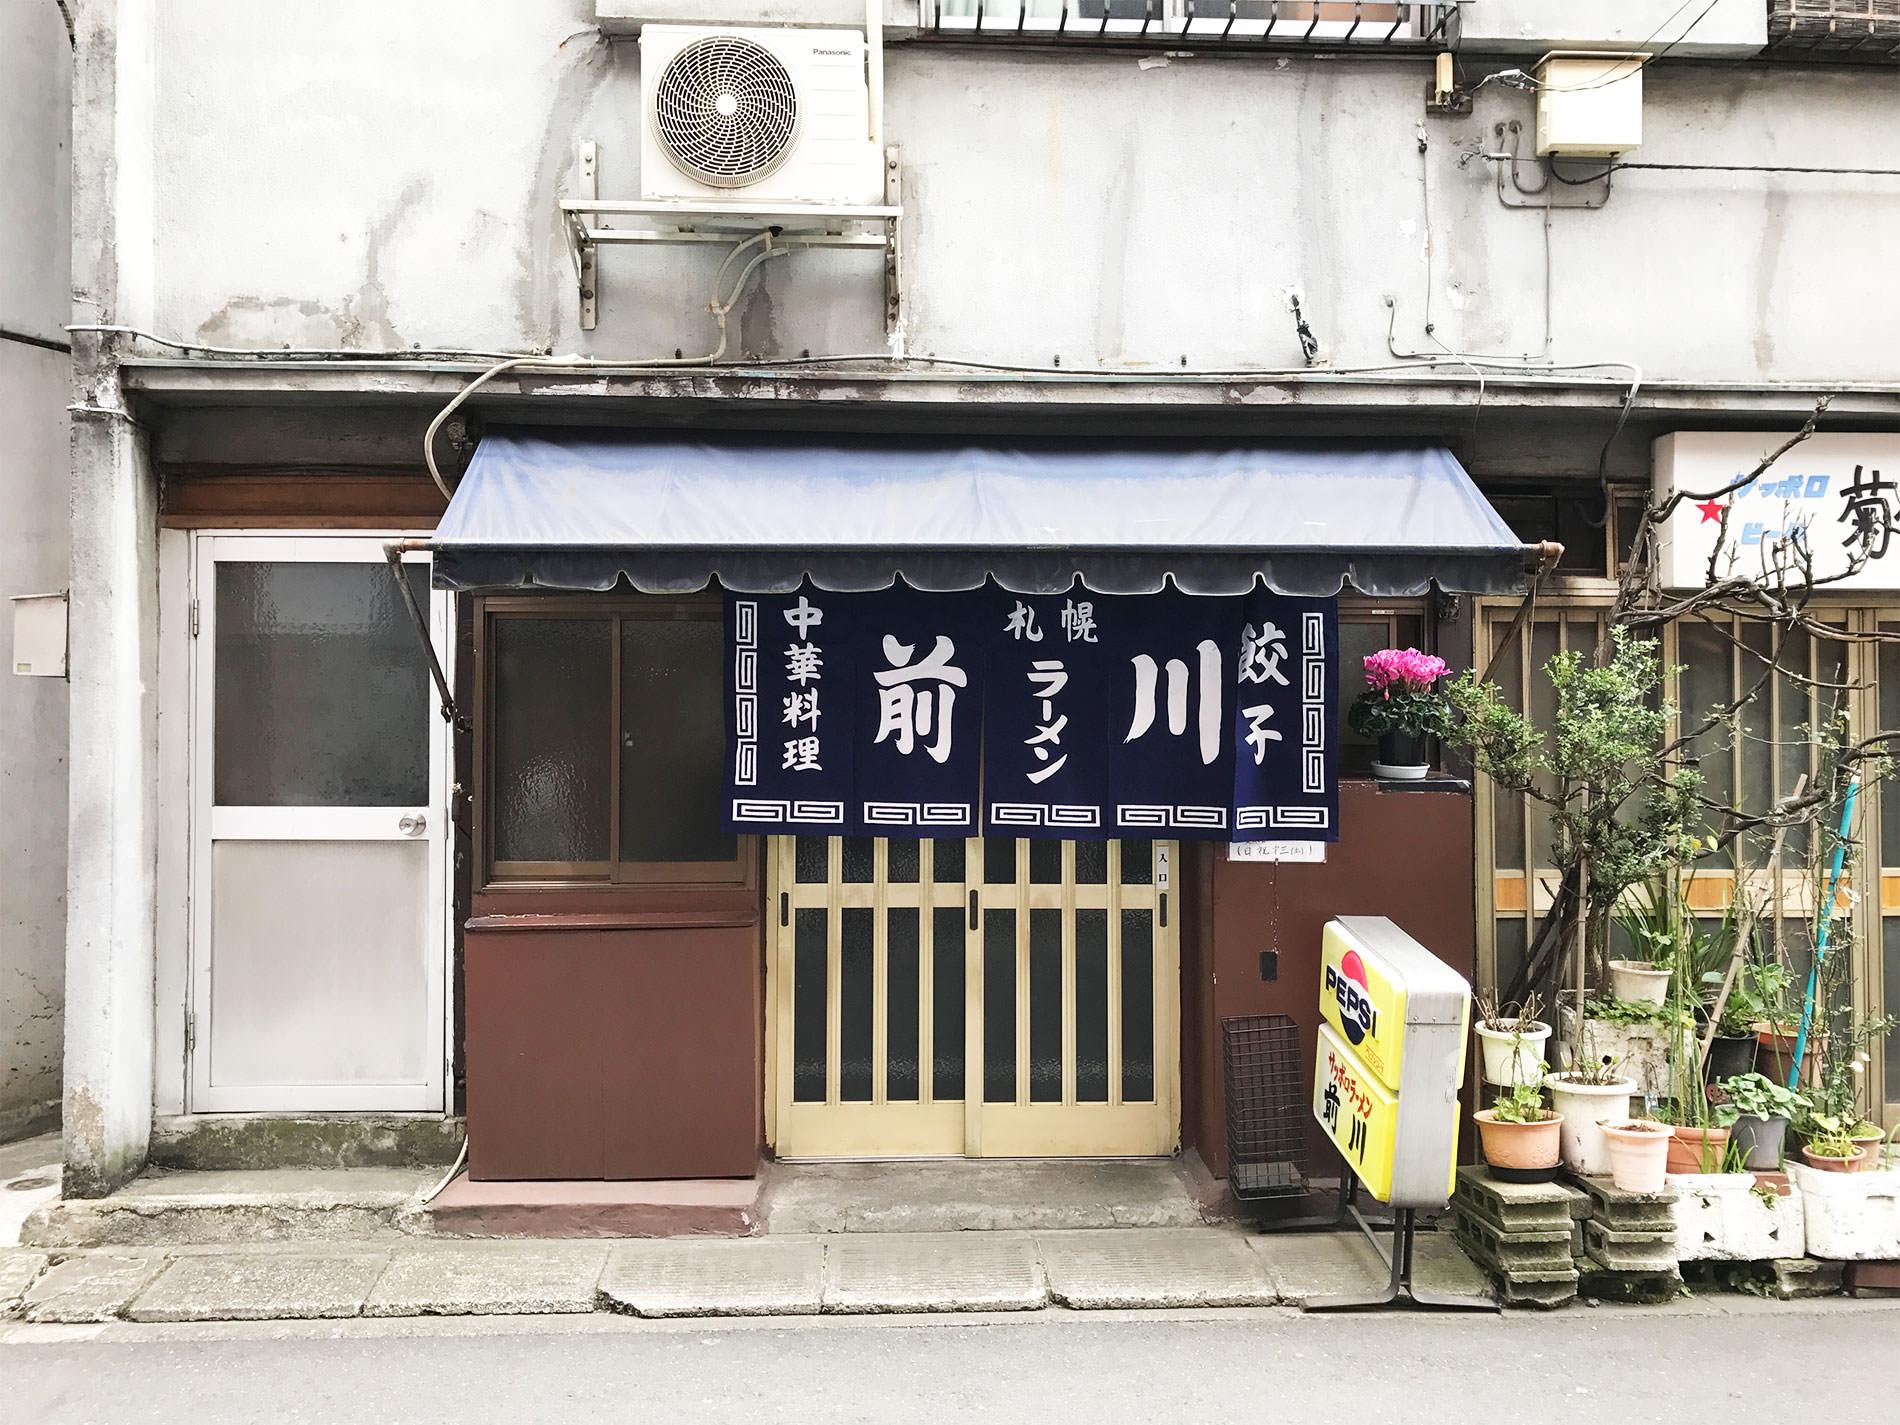 札幌ラーメン 前川 / 恵比寿